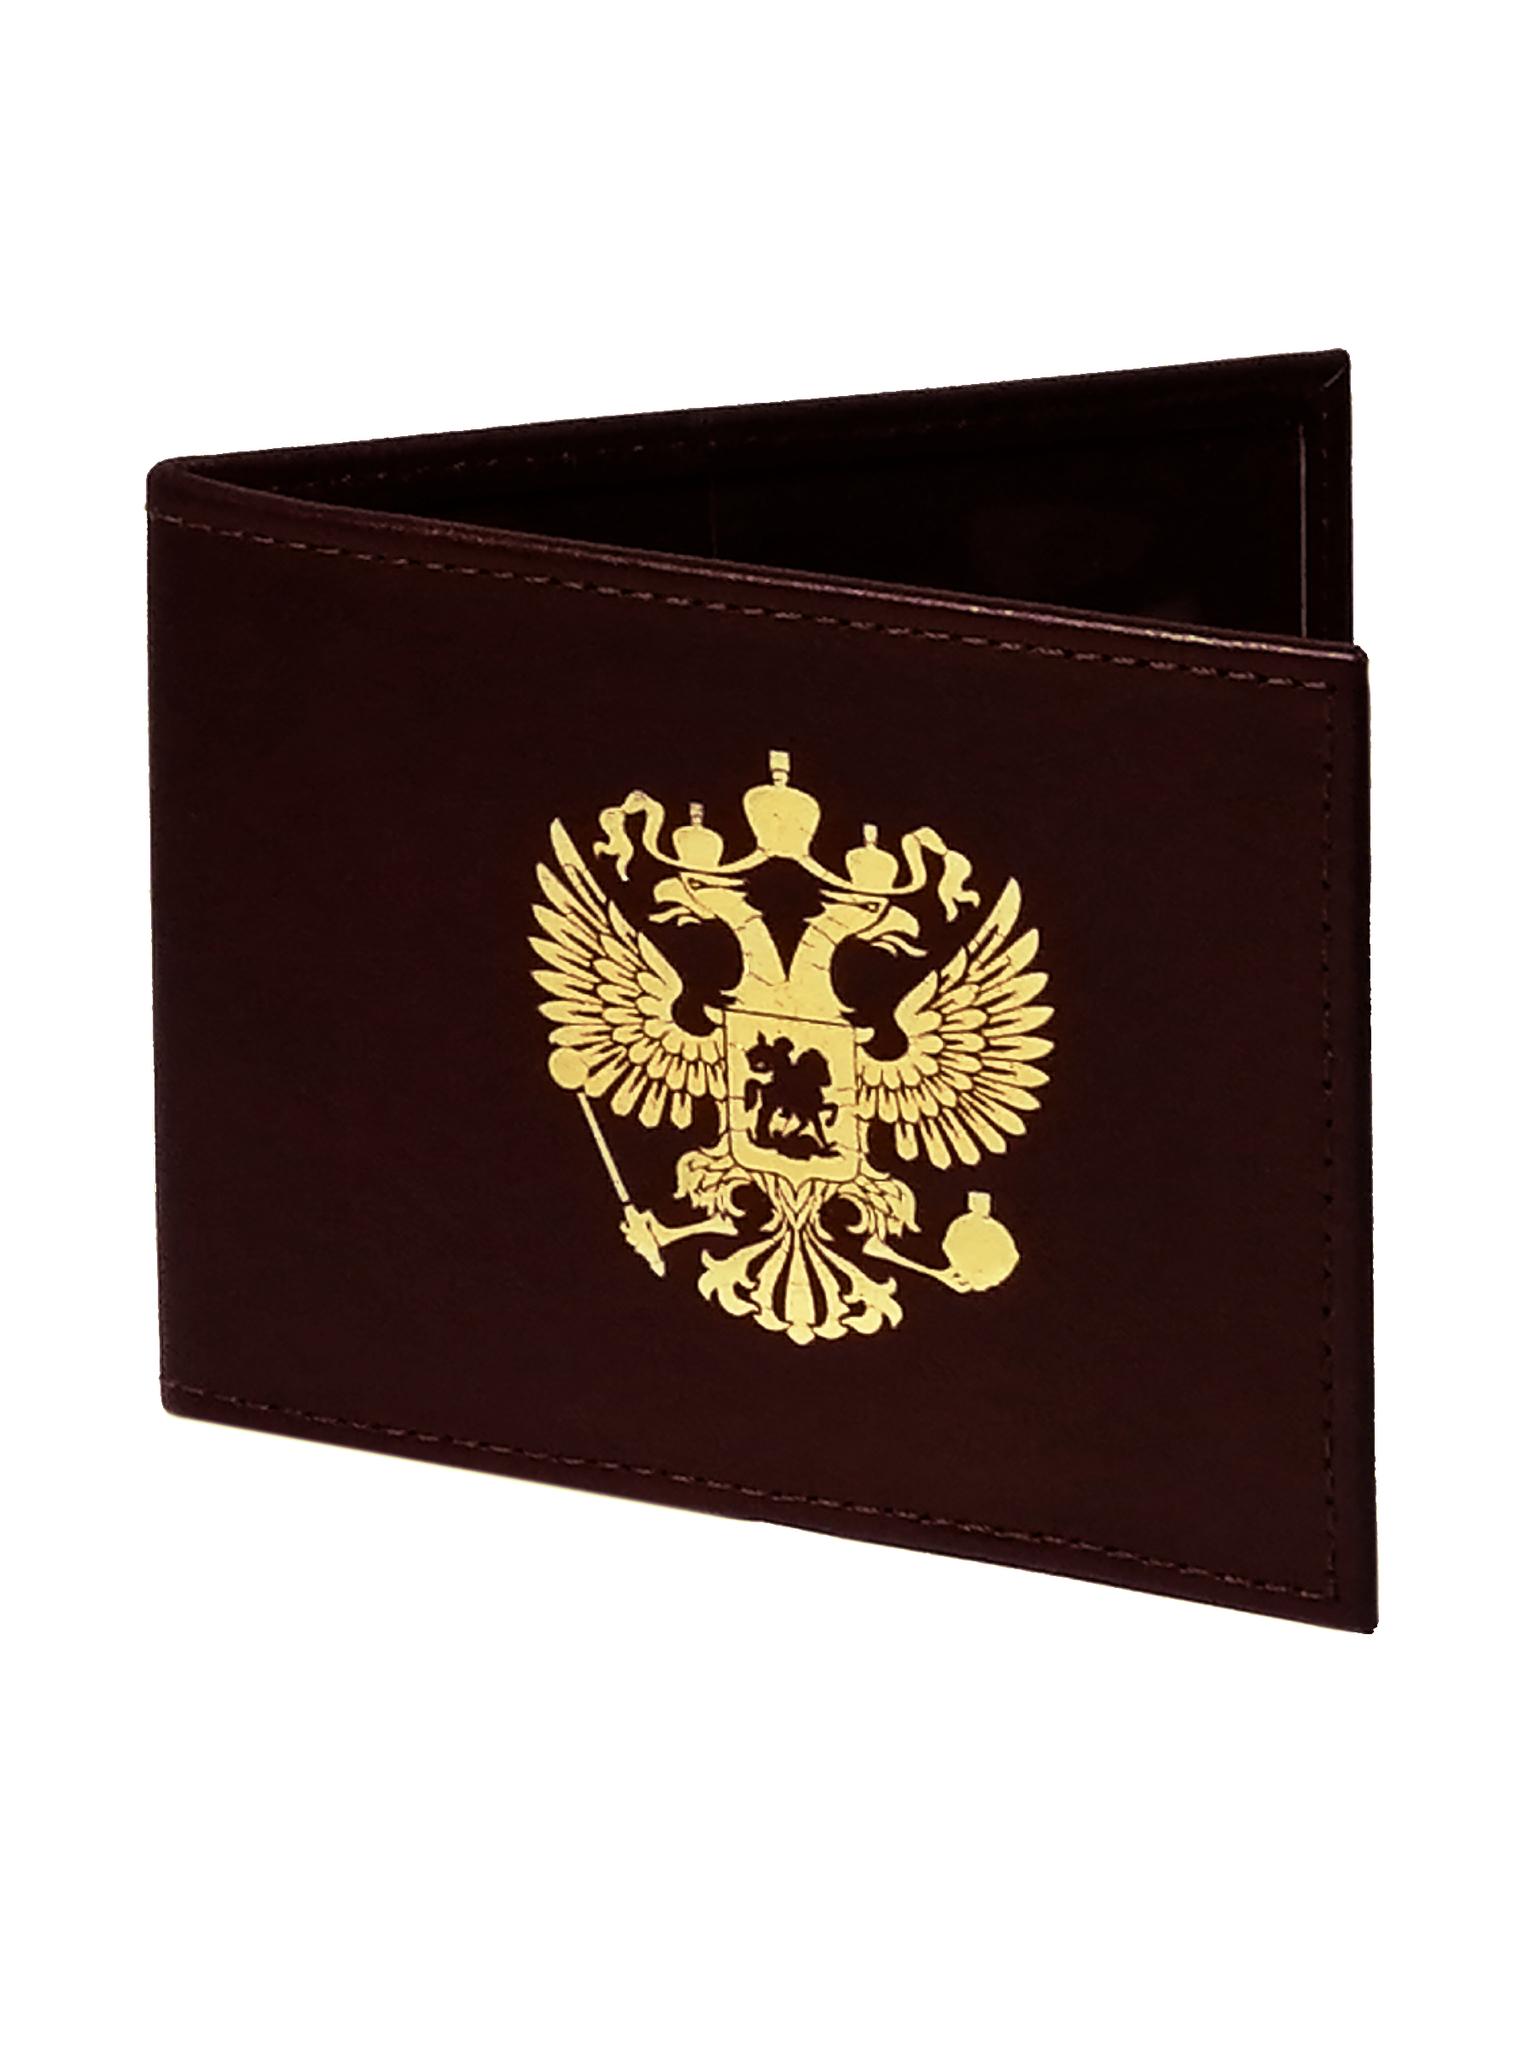 Обложка для удостоверения | Золотой Герб | Бордо